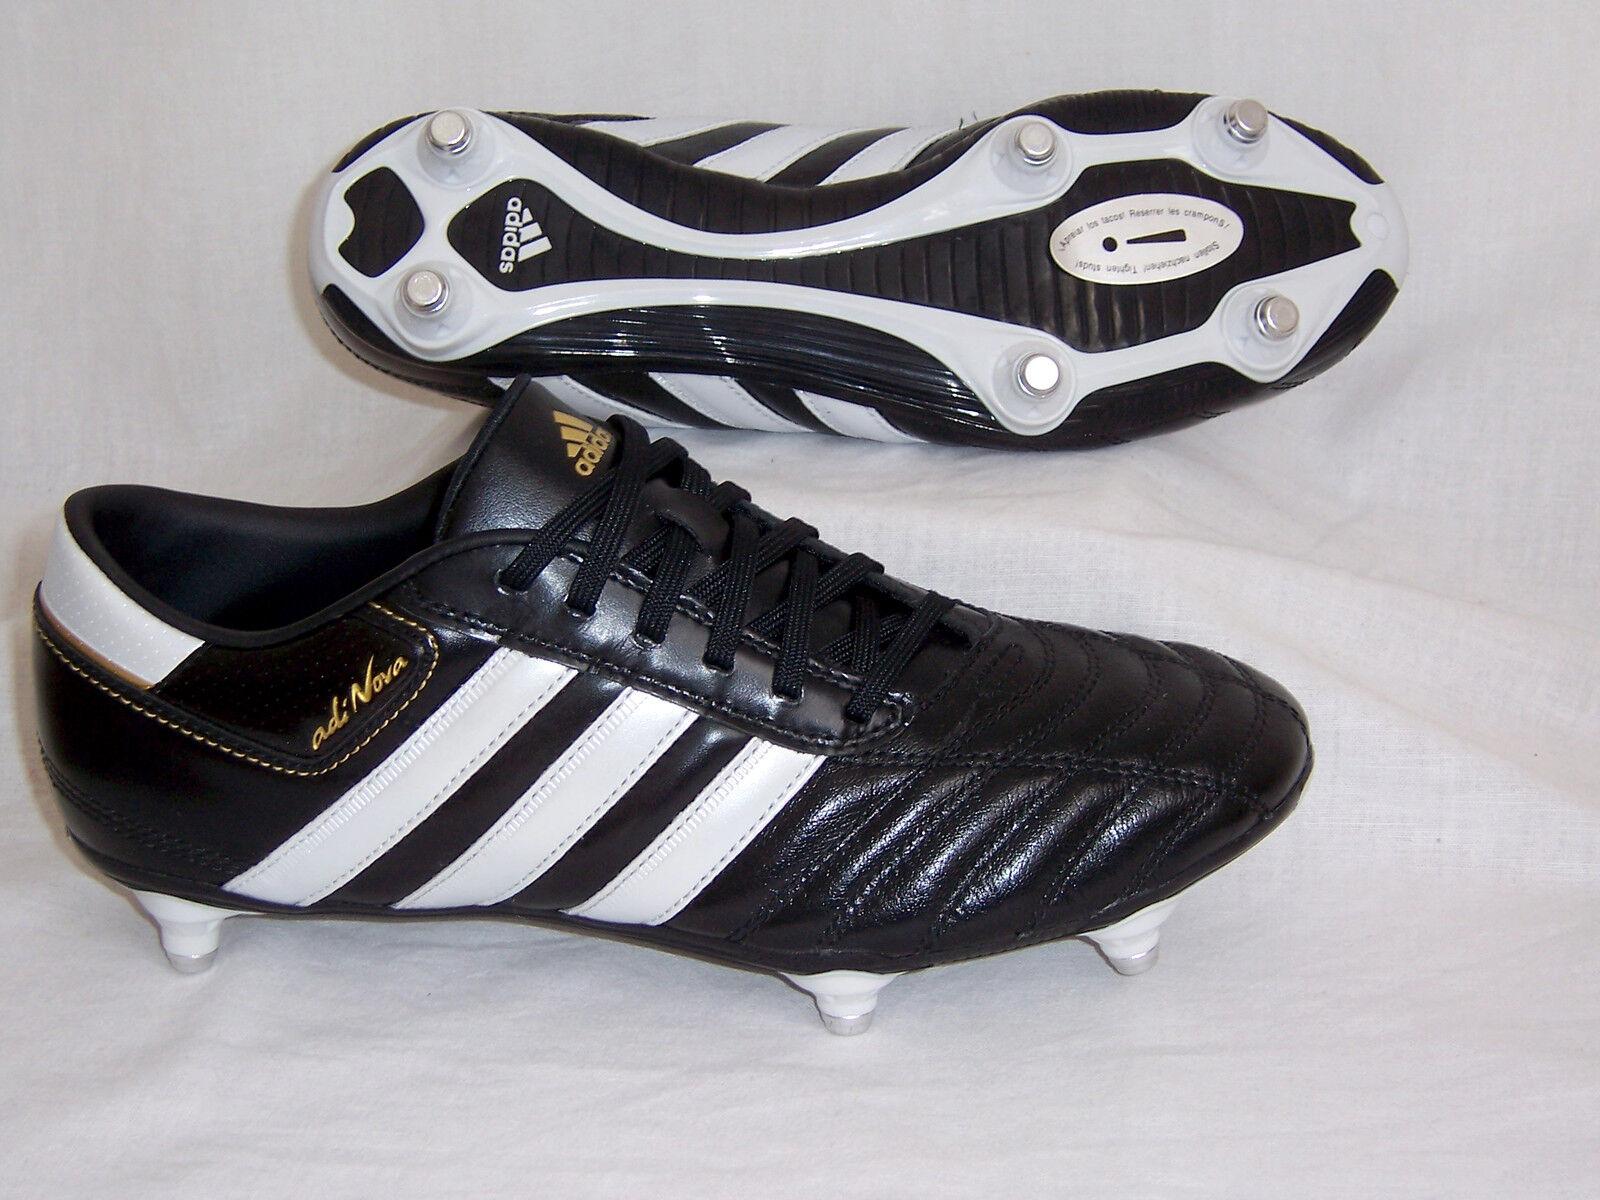 Chaussures de de de Foot neuves ADIDAS Adinova 2 SG pointure 41 1 3 596cca